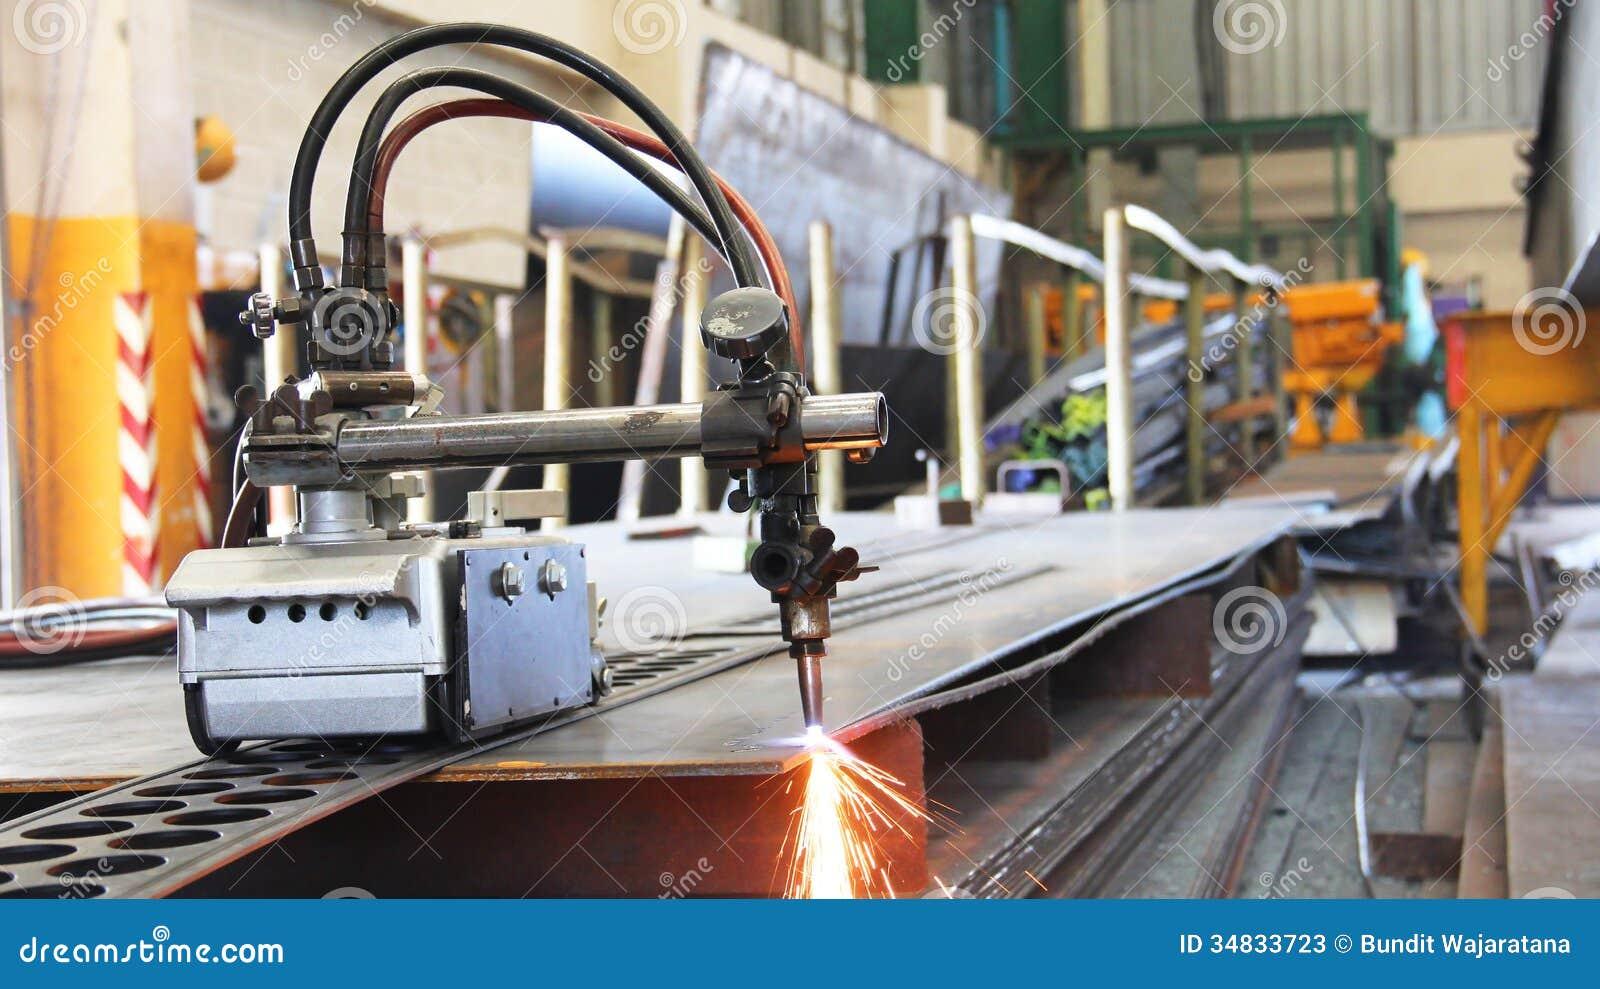 machine steel